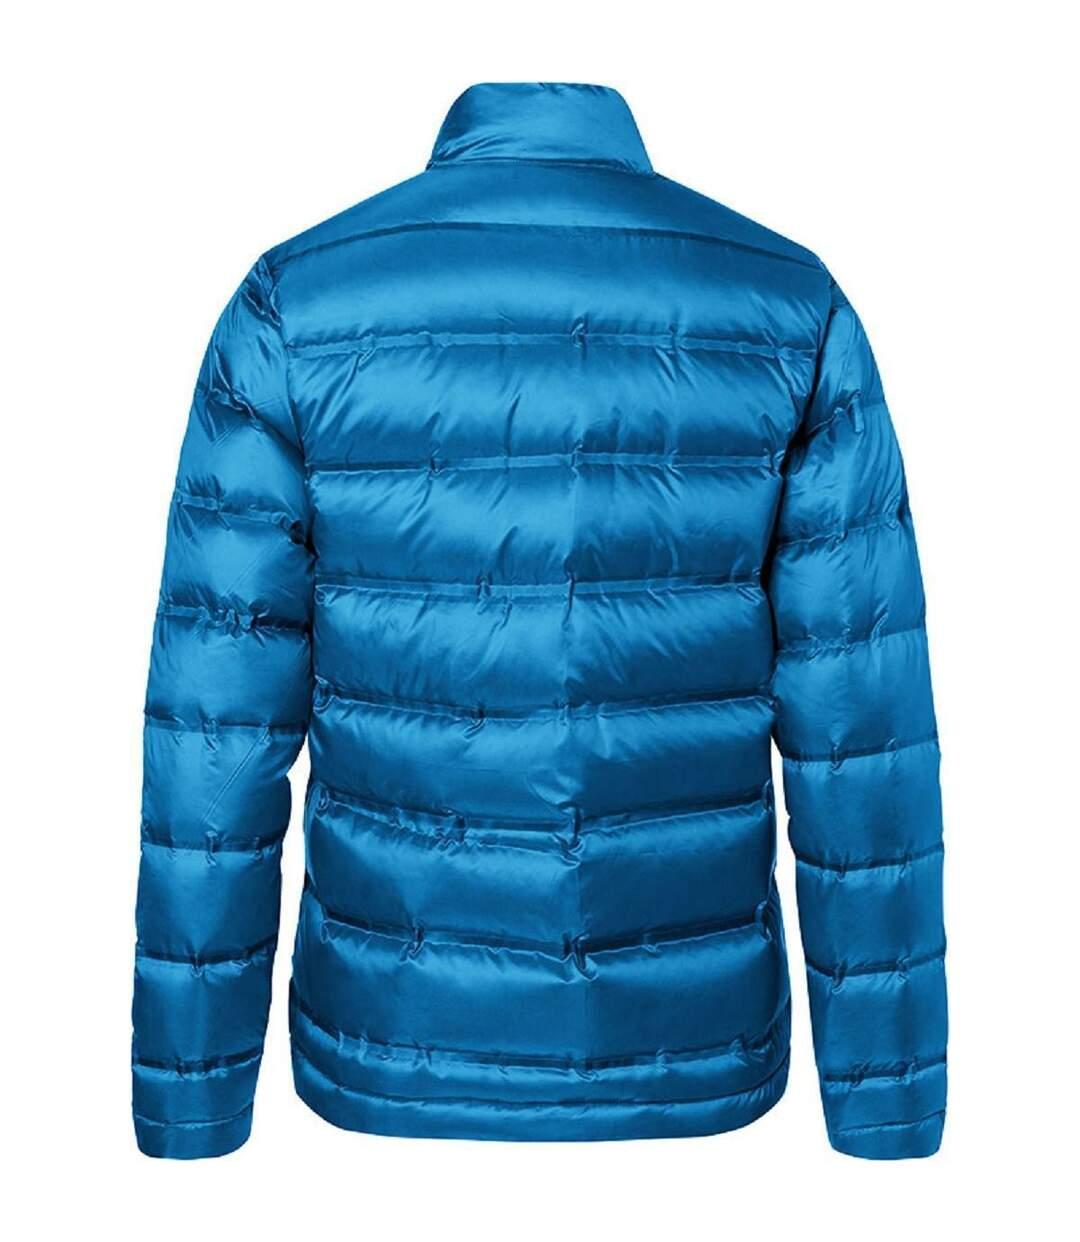 Doudoune homme légère - JN1150 - bleu roi